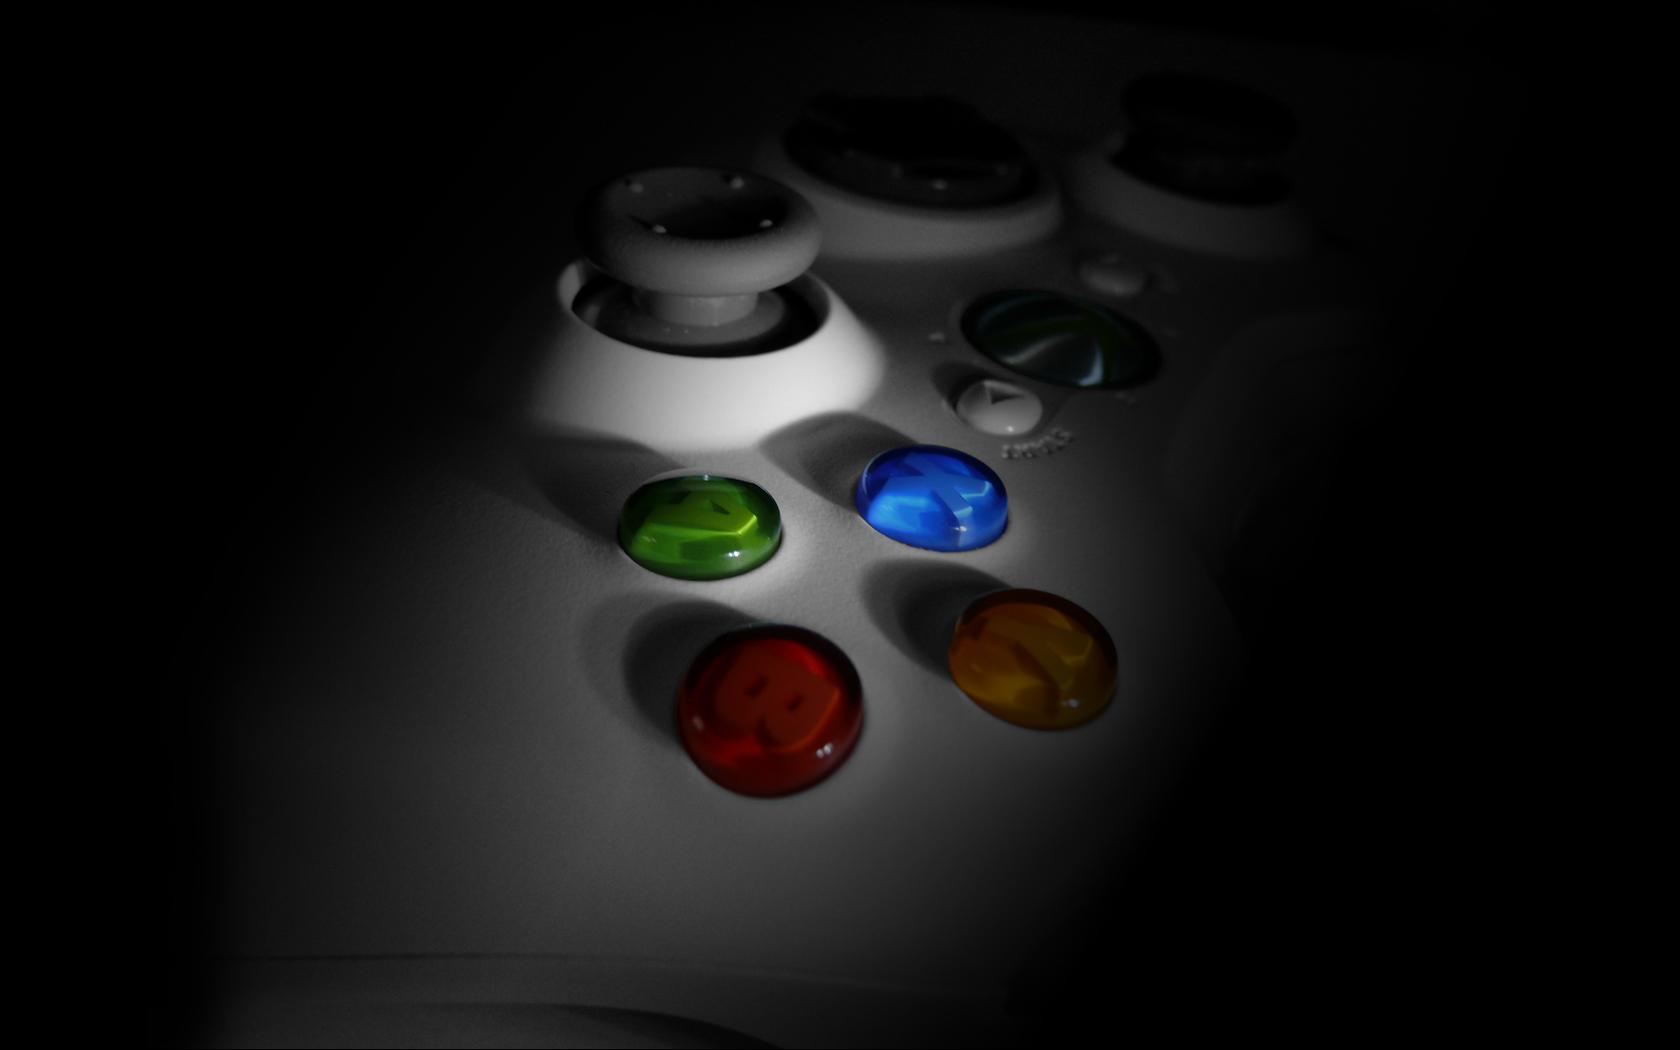 Wallpapers de Xbox   Taringa 1680x1050